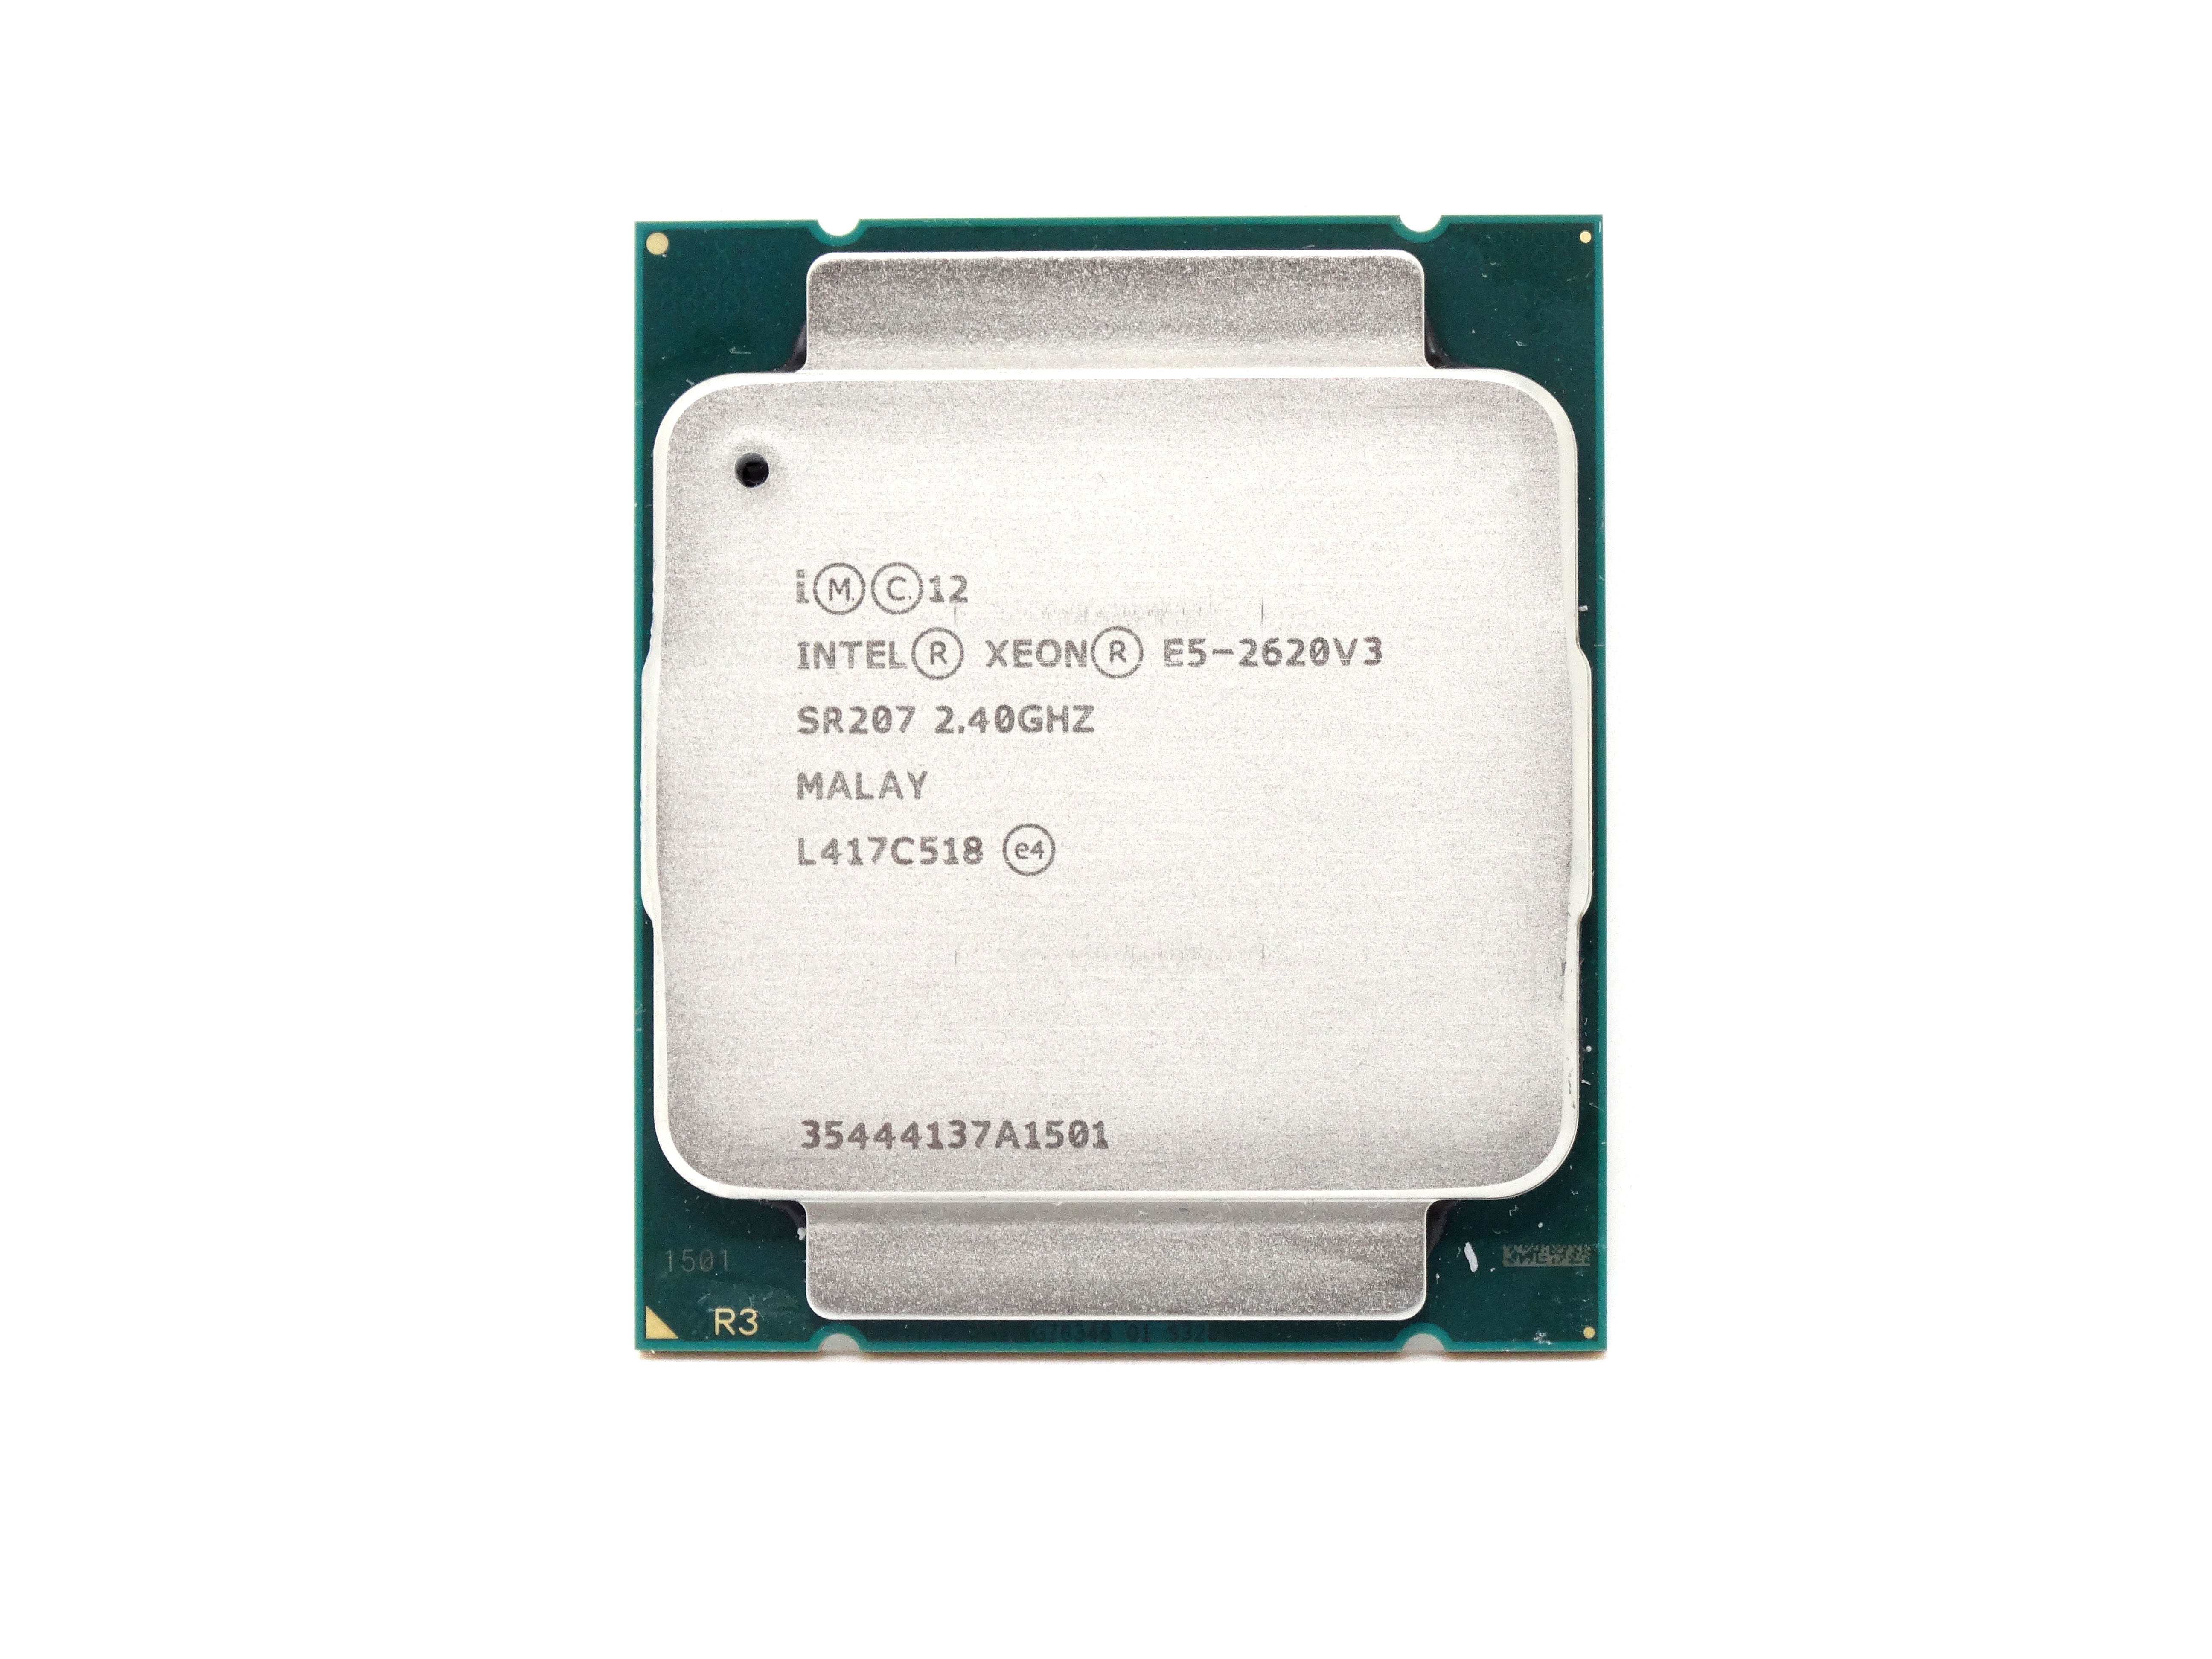 - CPU Only Intel Xeon E5-2620 v3 2.4GHz 6 Core 15MB LGA2011 CPU Processor (719051-B21 - CPU ONLY)